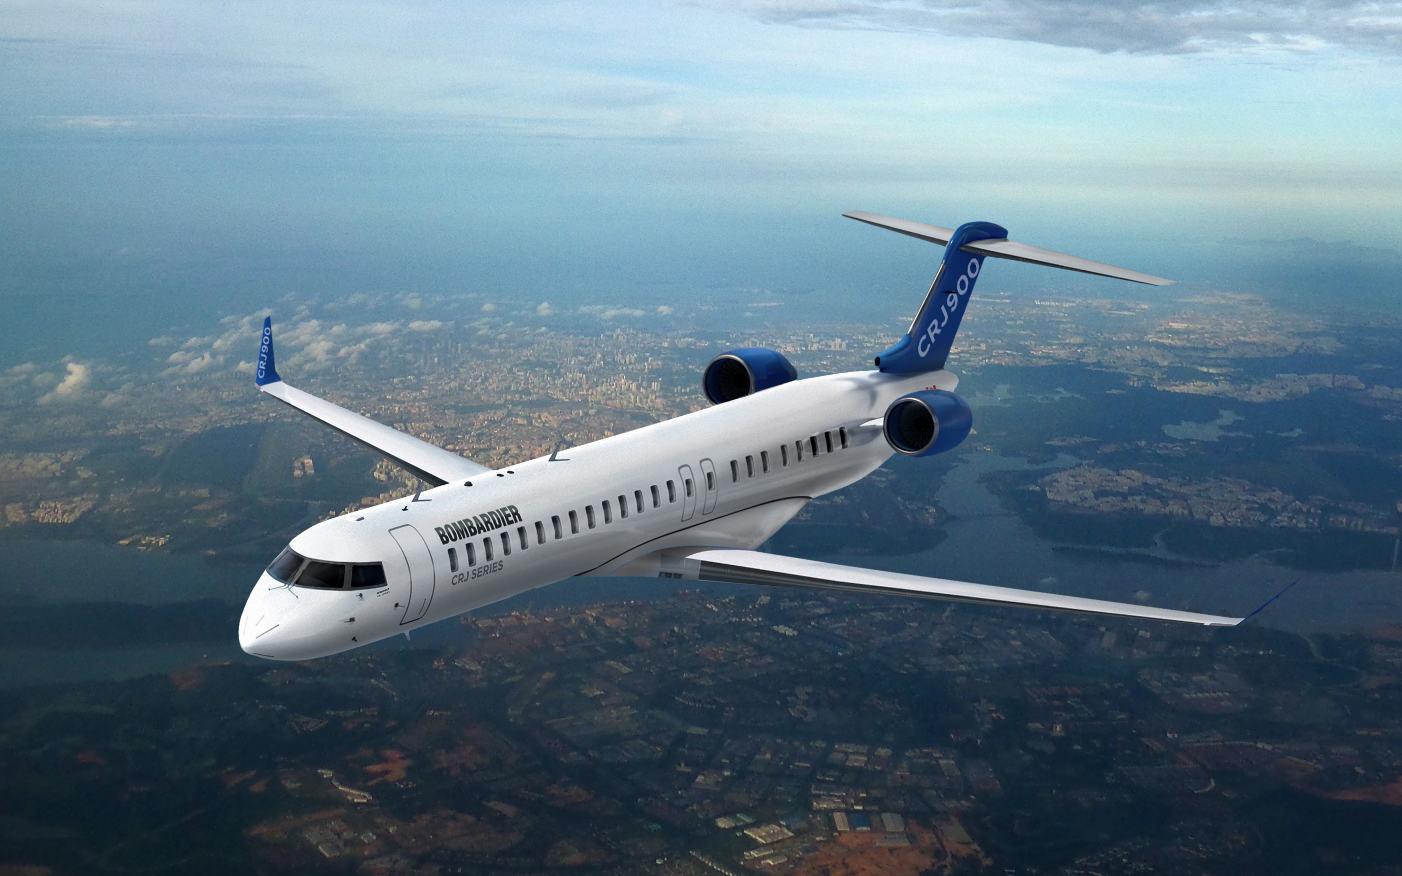 Bombardier allonge l'intervalle de maintenance des CRJ700, 900 et 1000